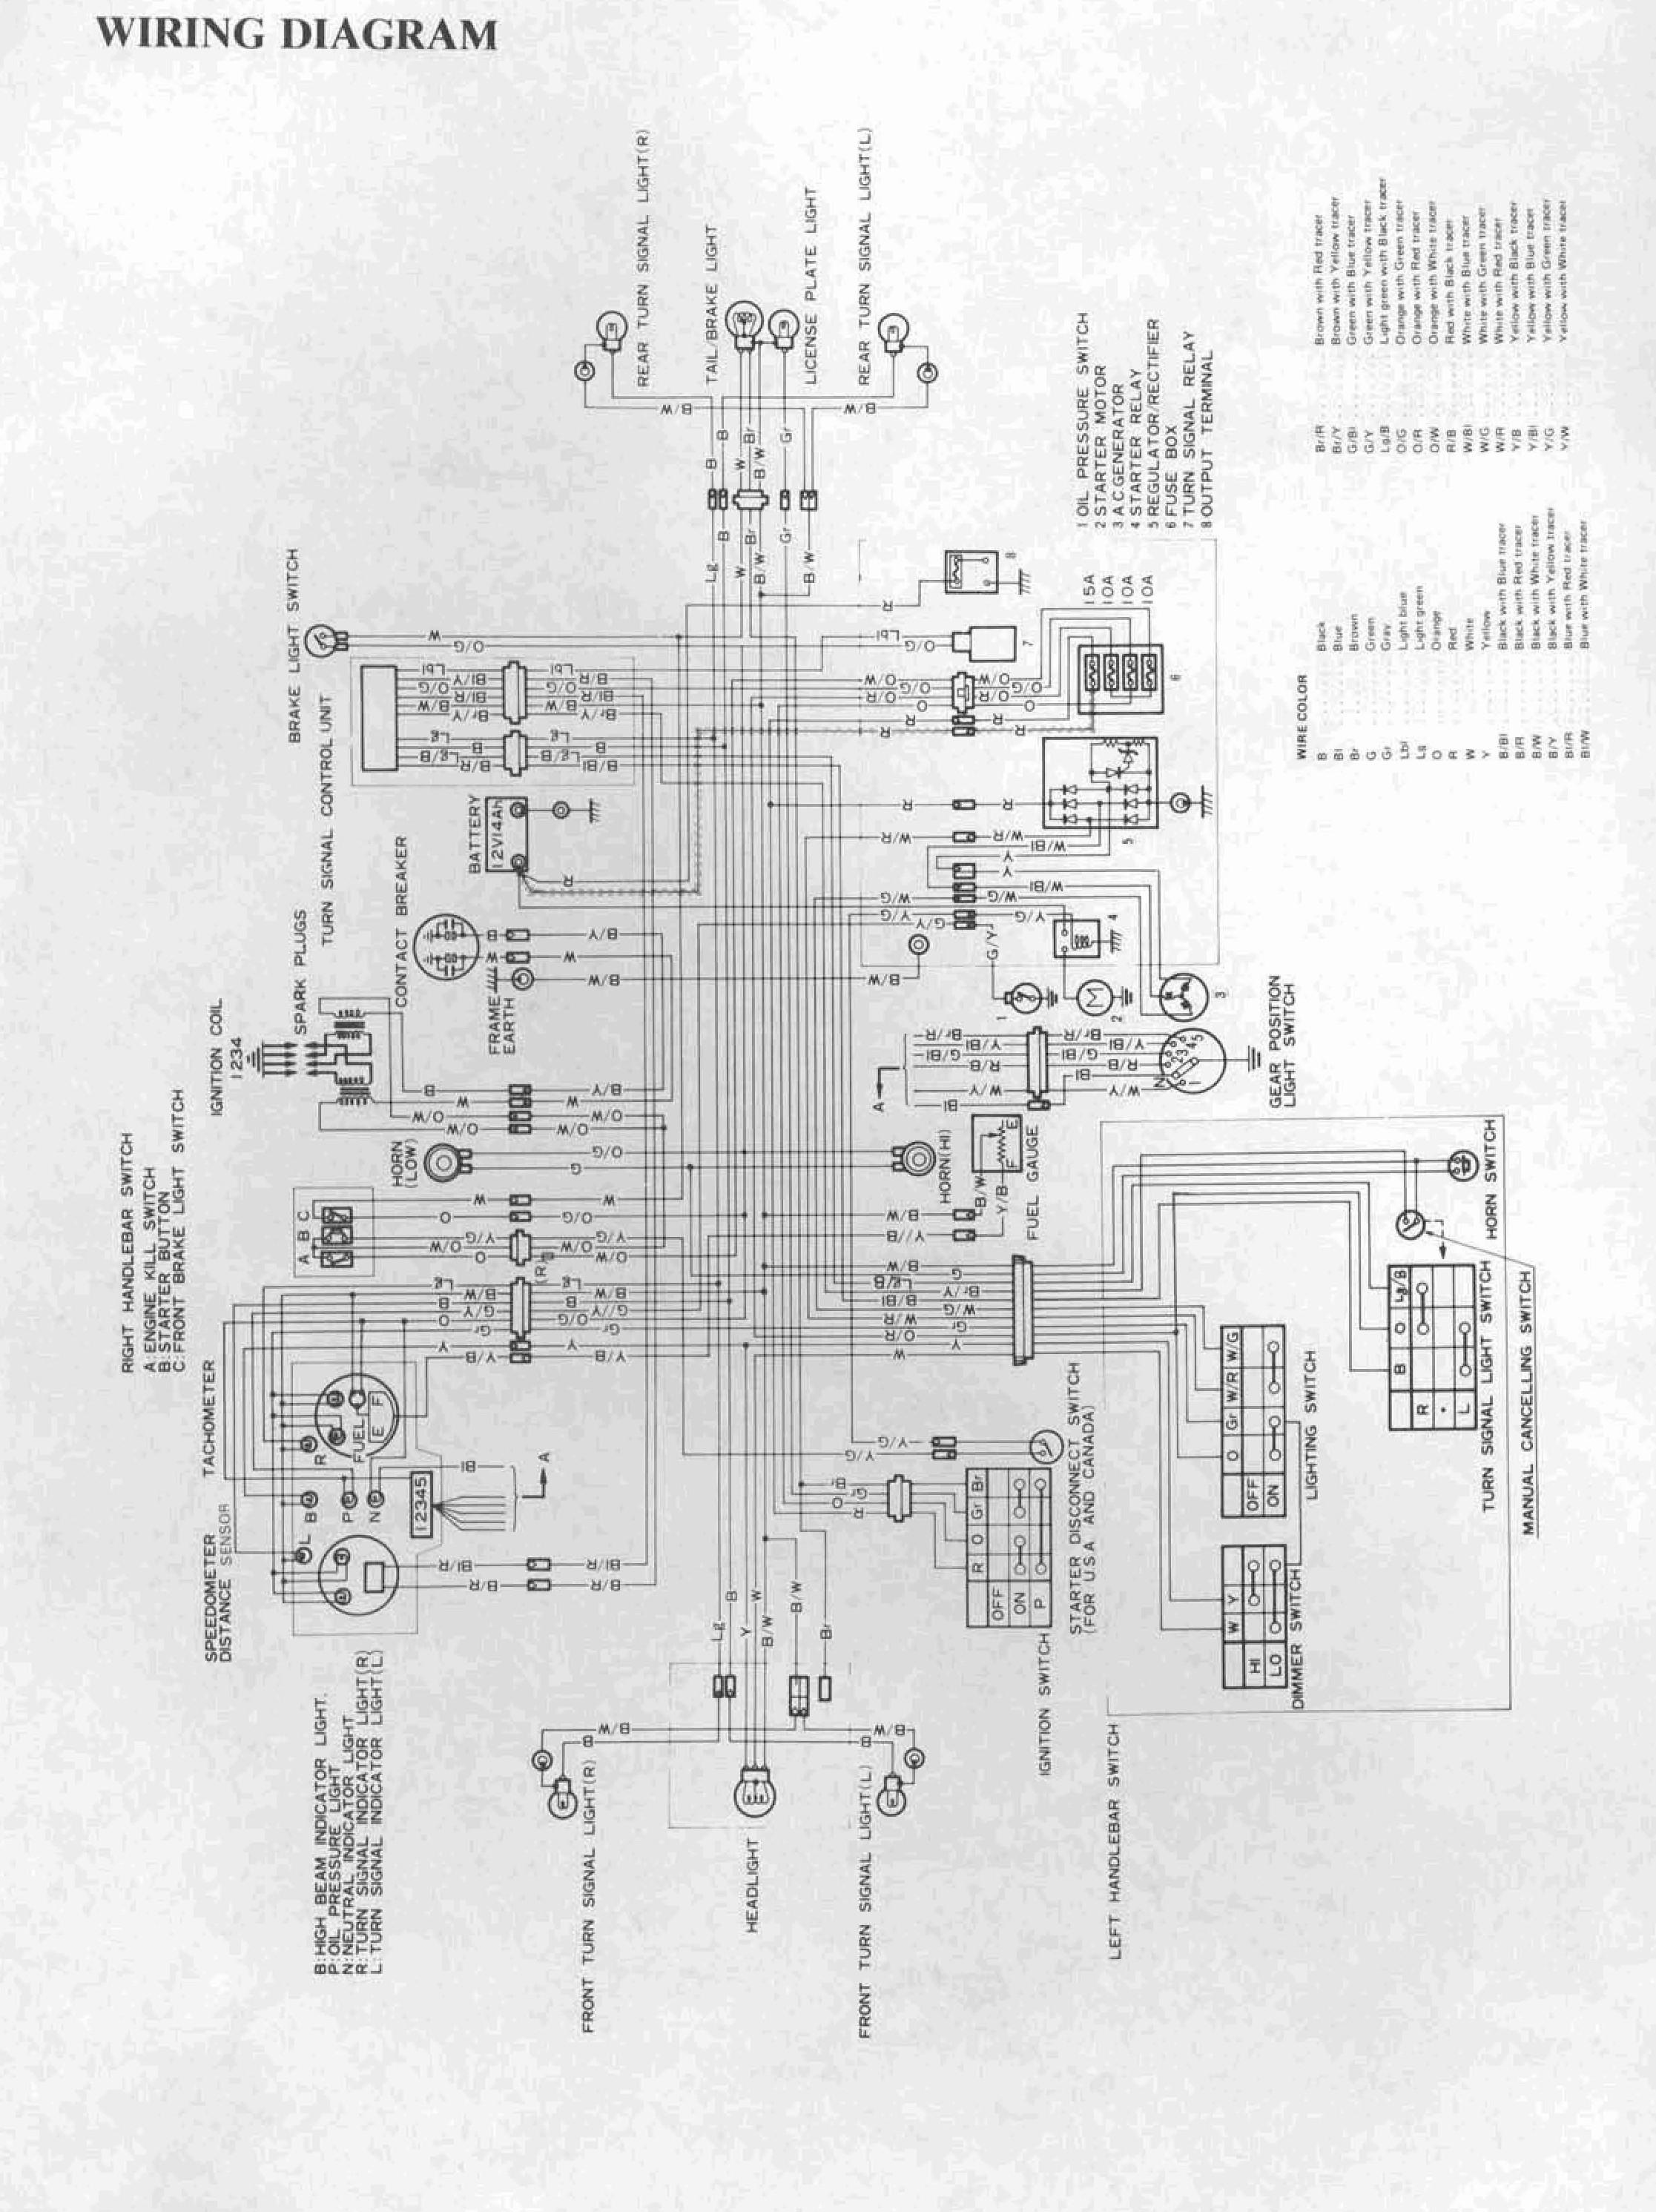 1981 suzuki gs550 wiring diagram brake light turn signal 1982 gs850 my